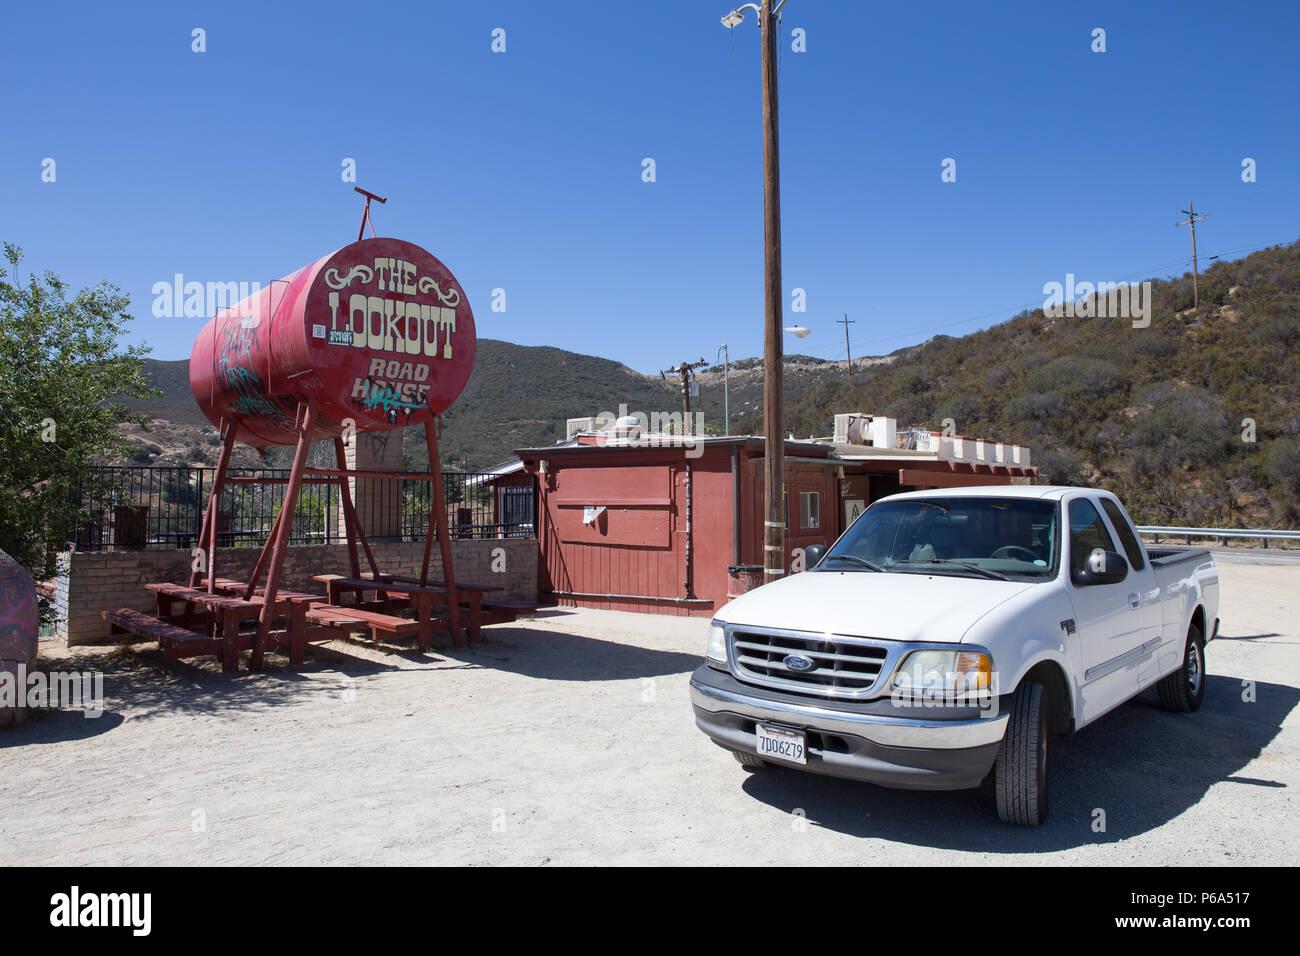 Lookout Roadhouse  Ortega Hwy  Lake Elsinore California USA - Stock Image